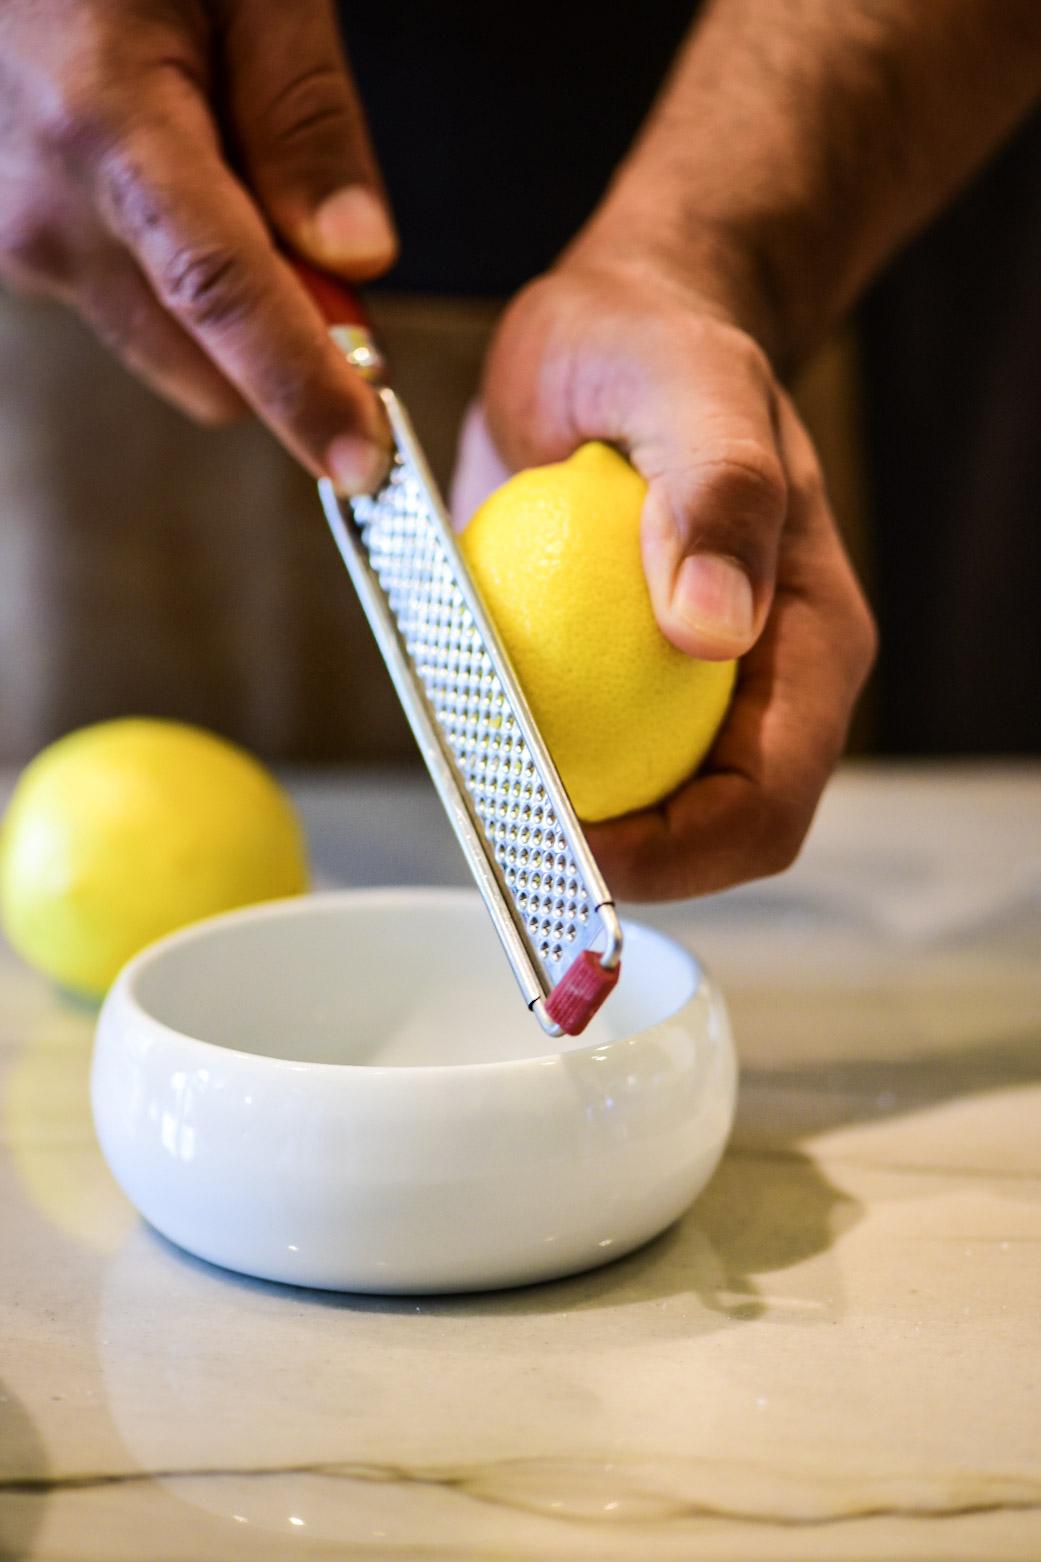 Zesting lemons for the cake